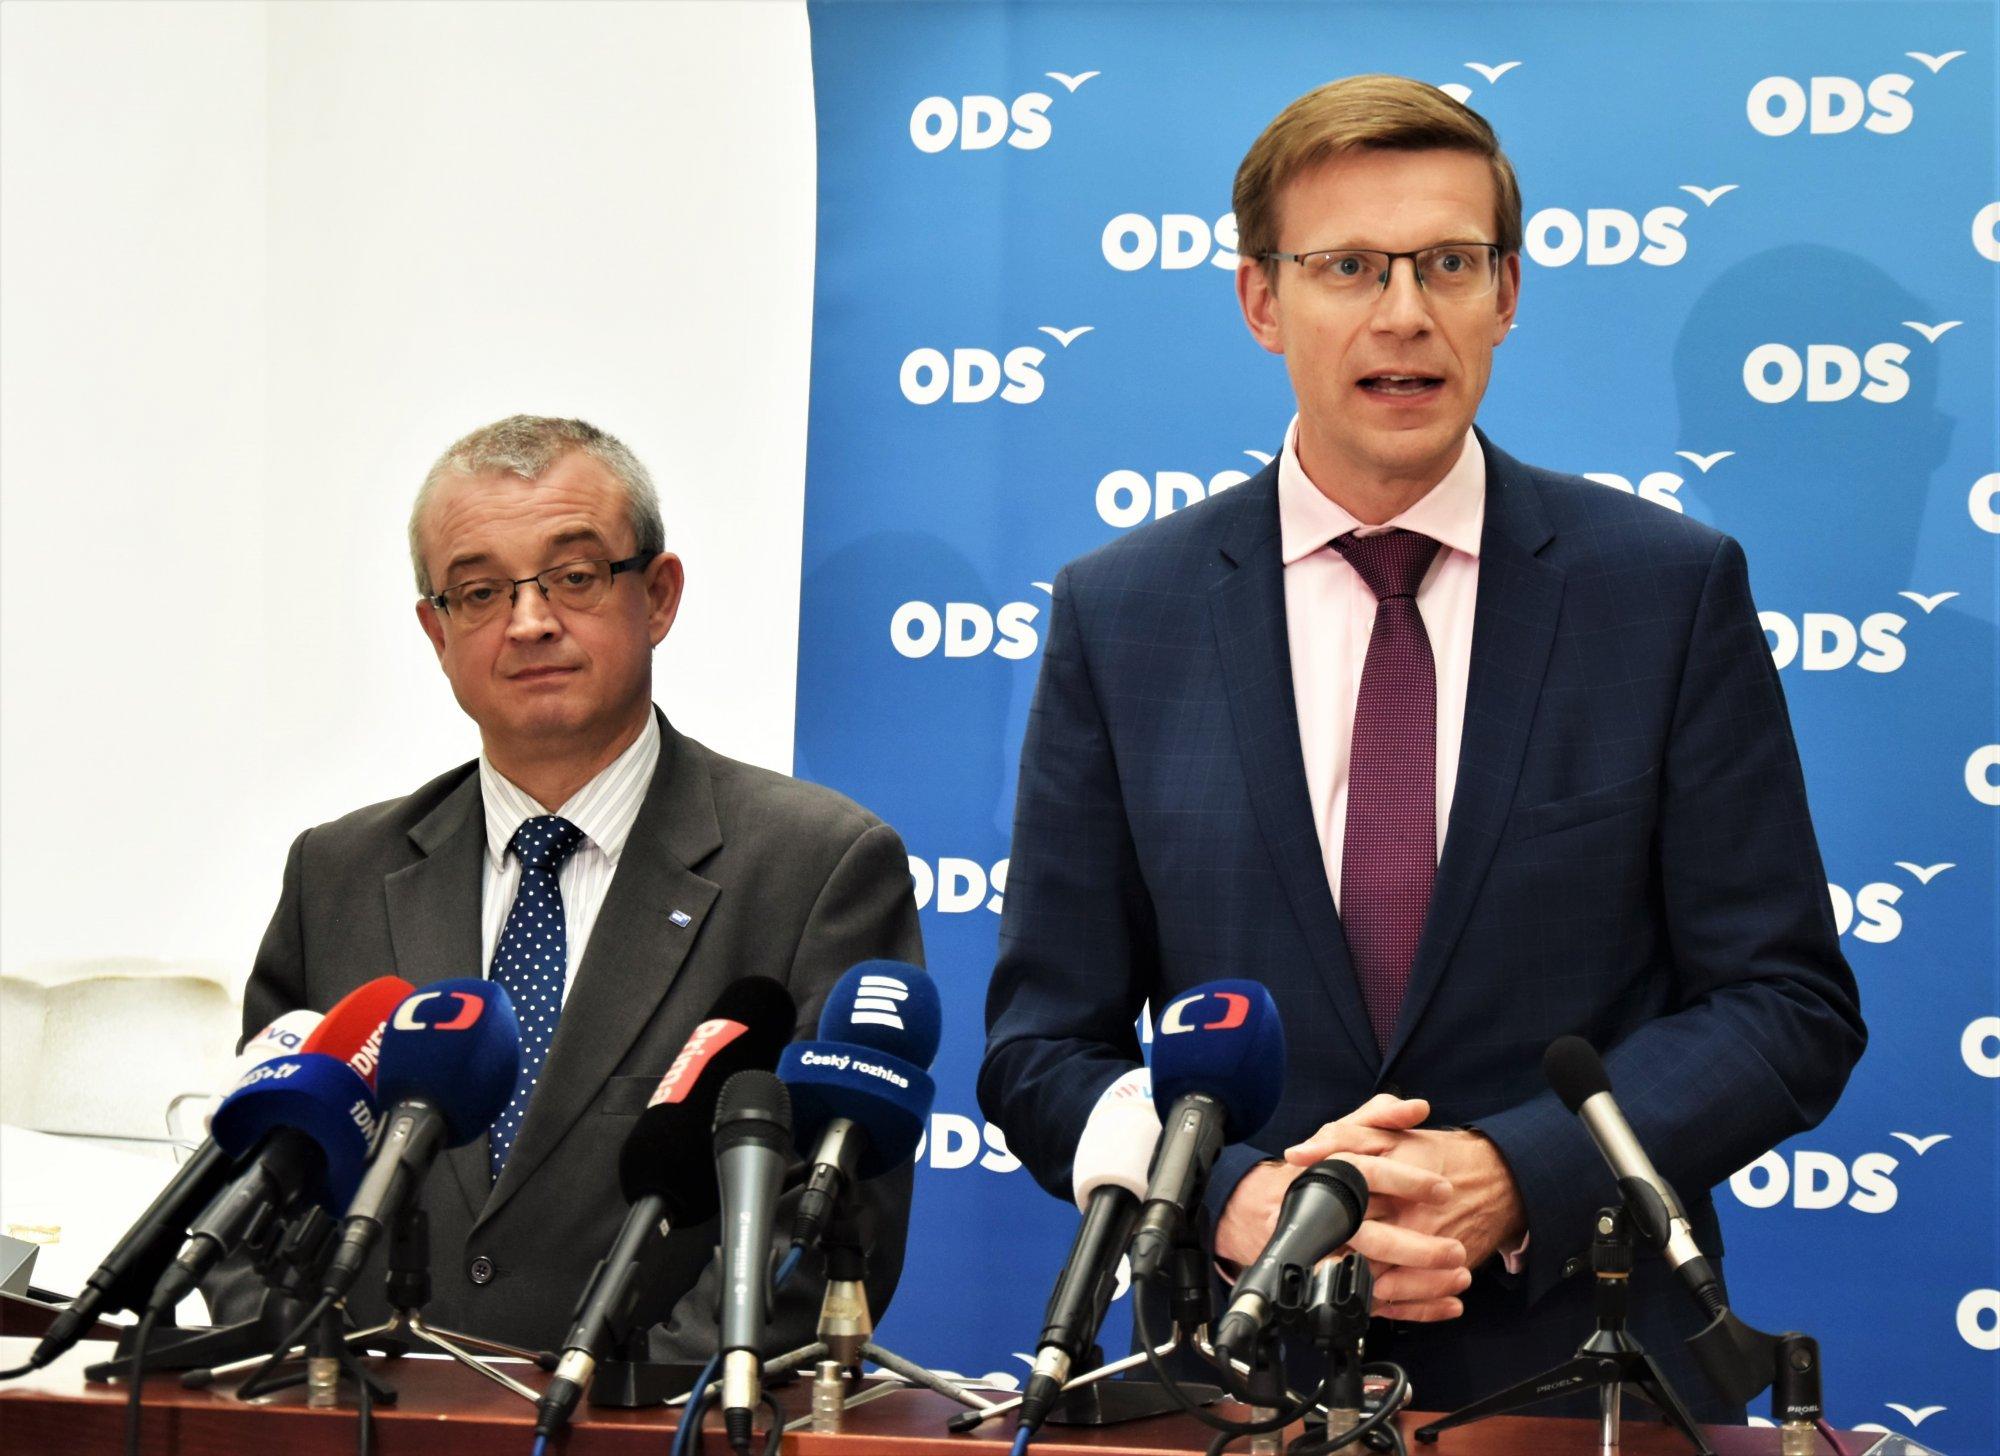 ODS: Je nutné navýšit testovací kapacity, zapojit by se mohly lékárny